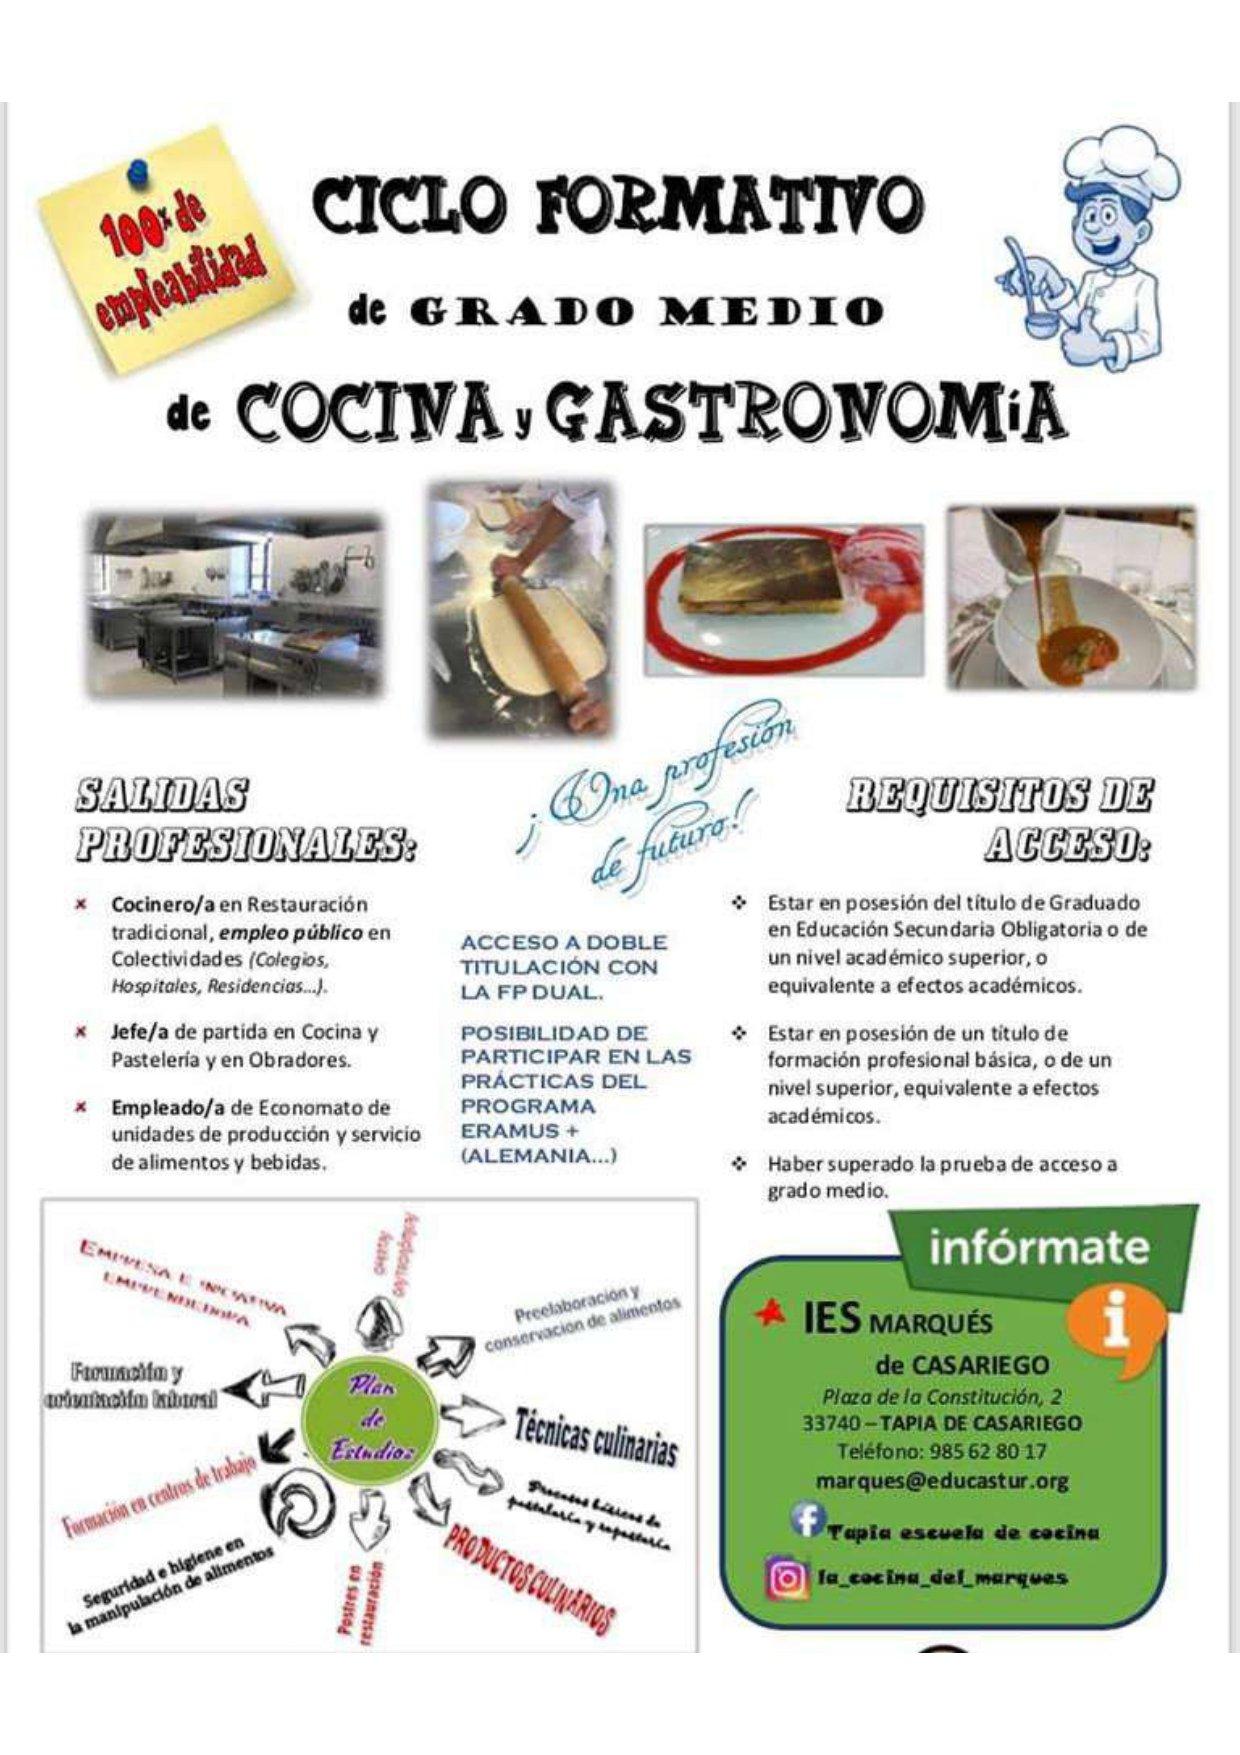 Ciclo Formativo de Grado Medio de Cocina y Gastronomía en el IES de Tapia